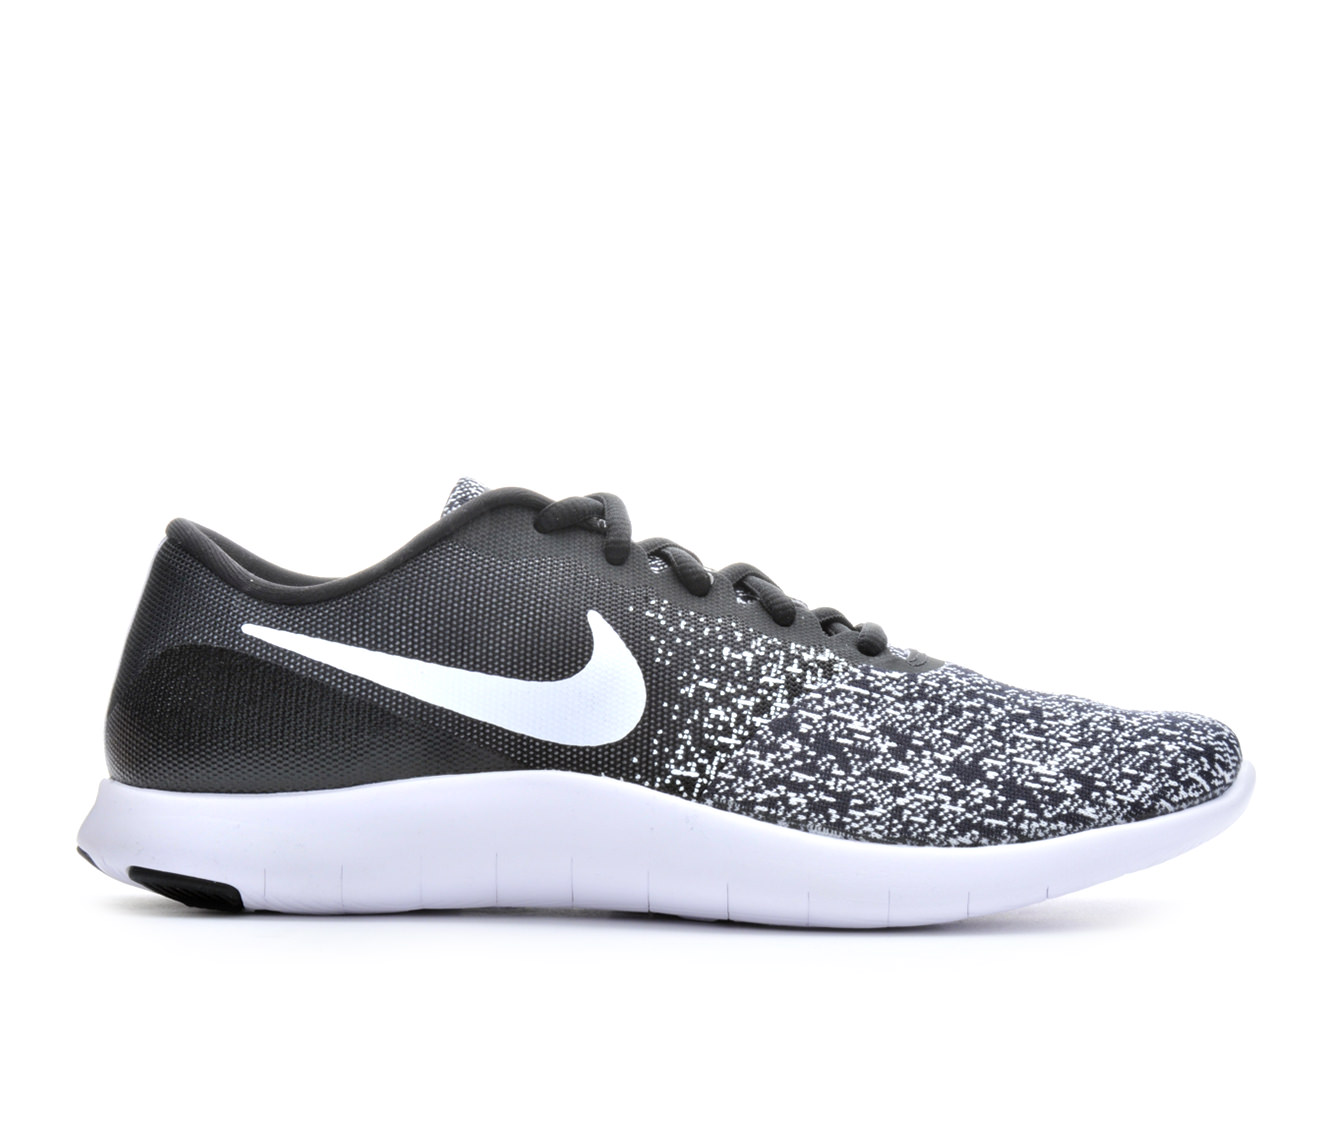 Women's Nike Flex Contact Running Shoes (Black - Size 6) 1663876